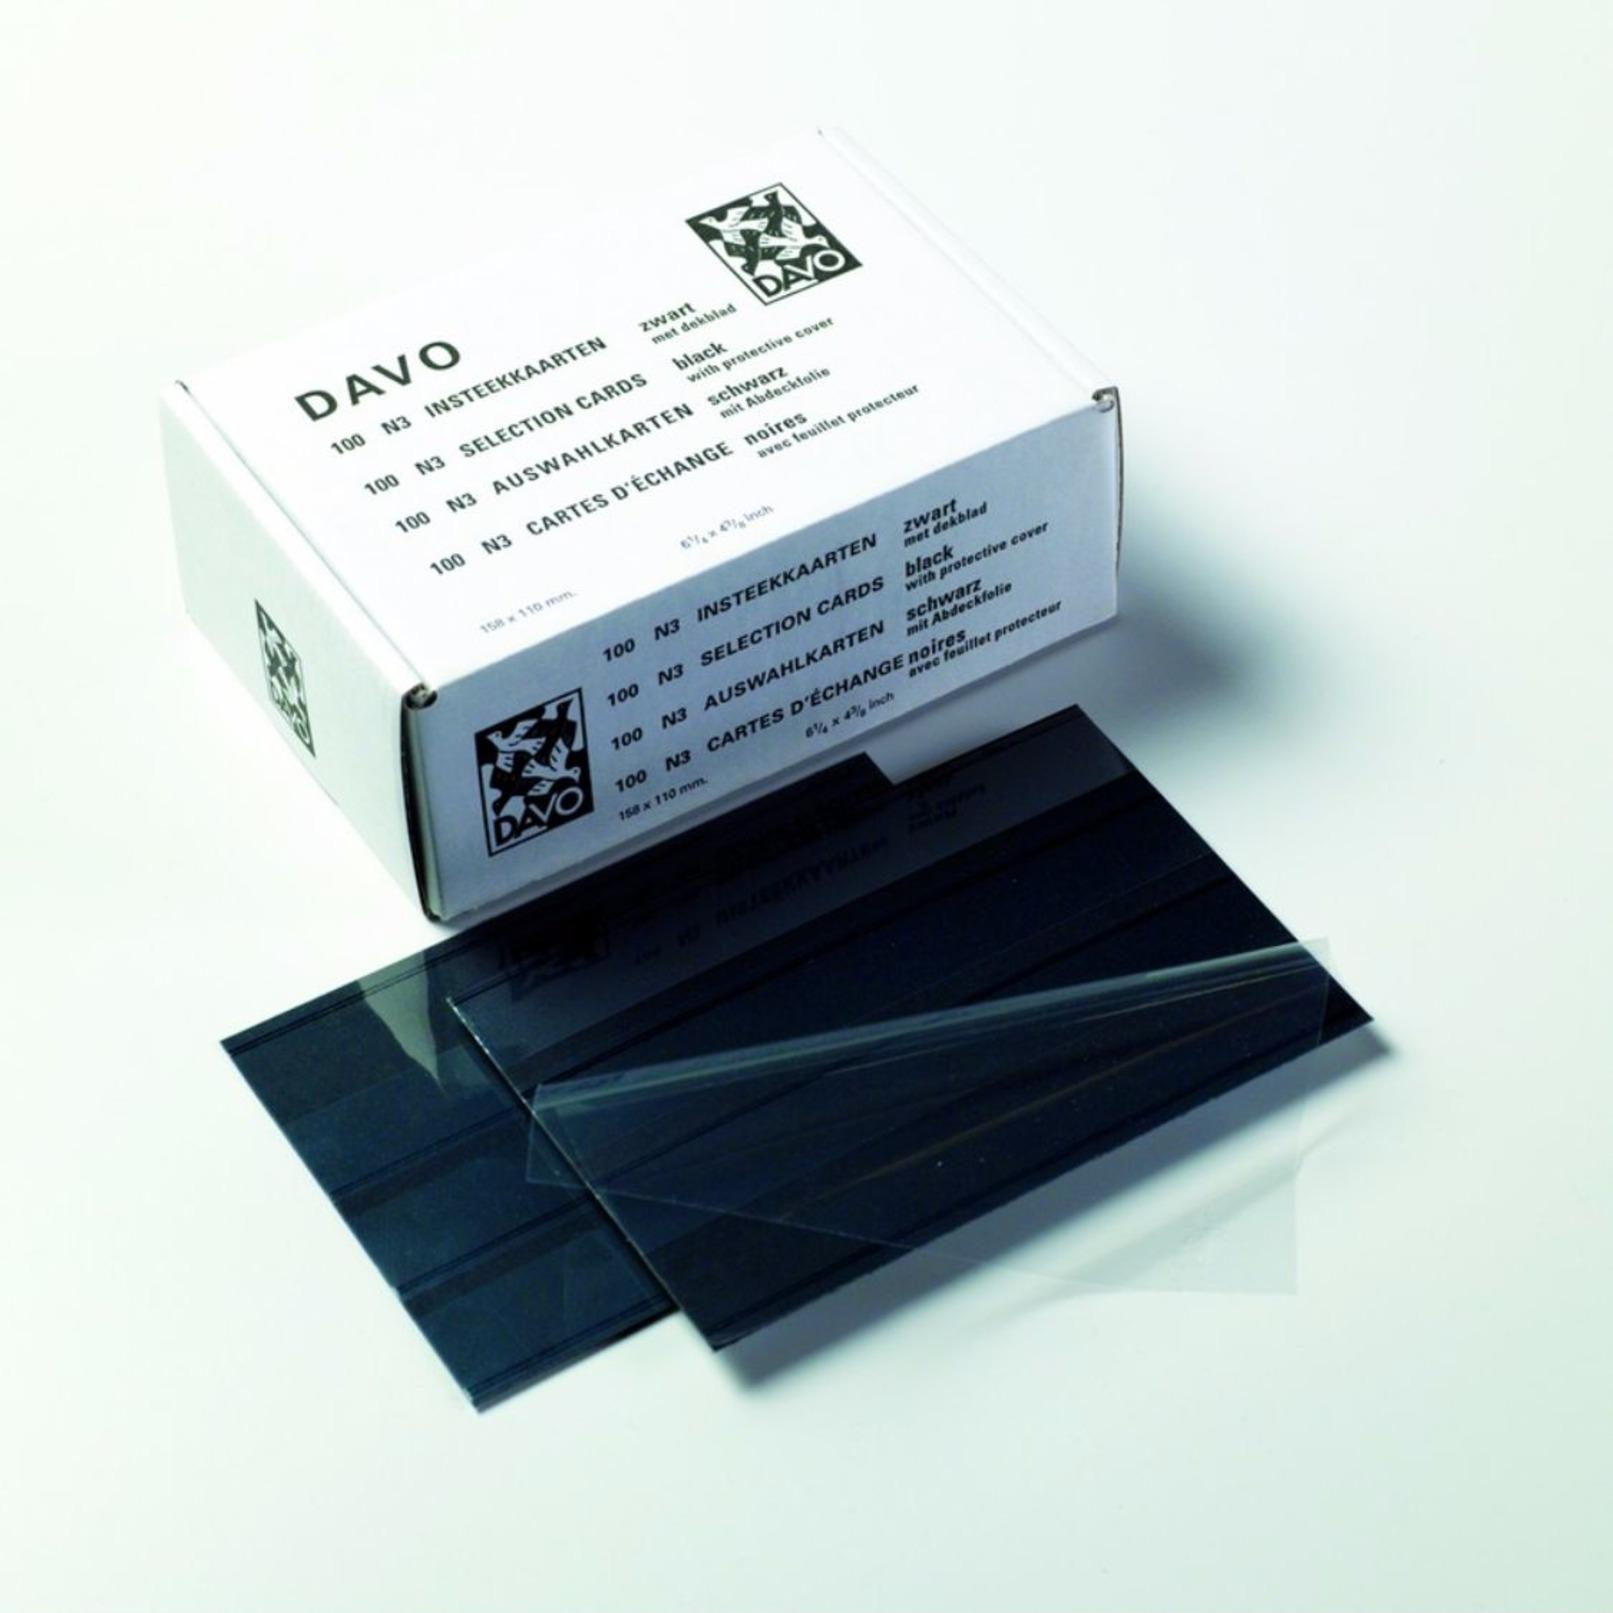 DAVO INSTEEKKAARTJES N3 (158x110mm) 3 Stroken (per 100 Stuks) - Klasseerkaarten